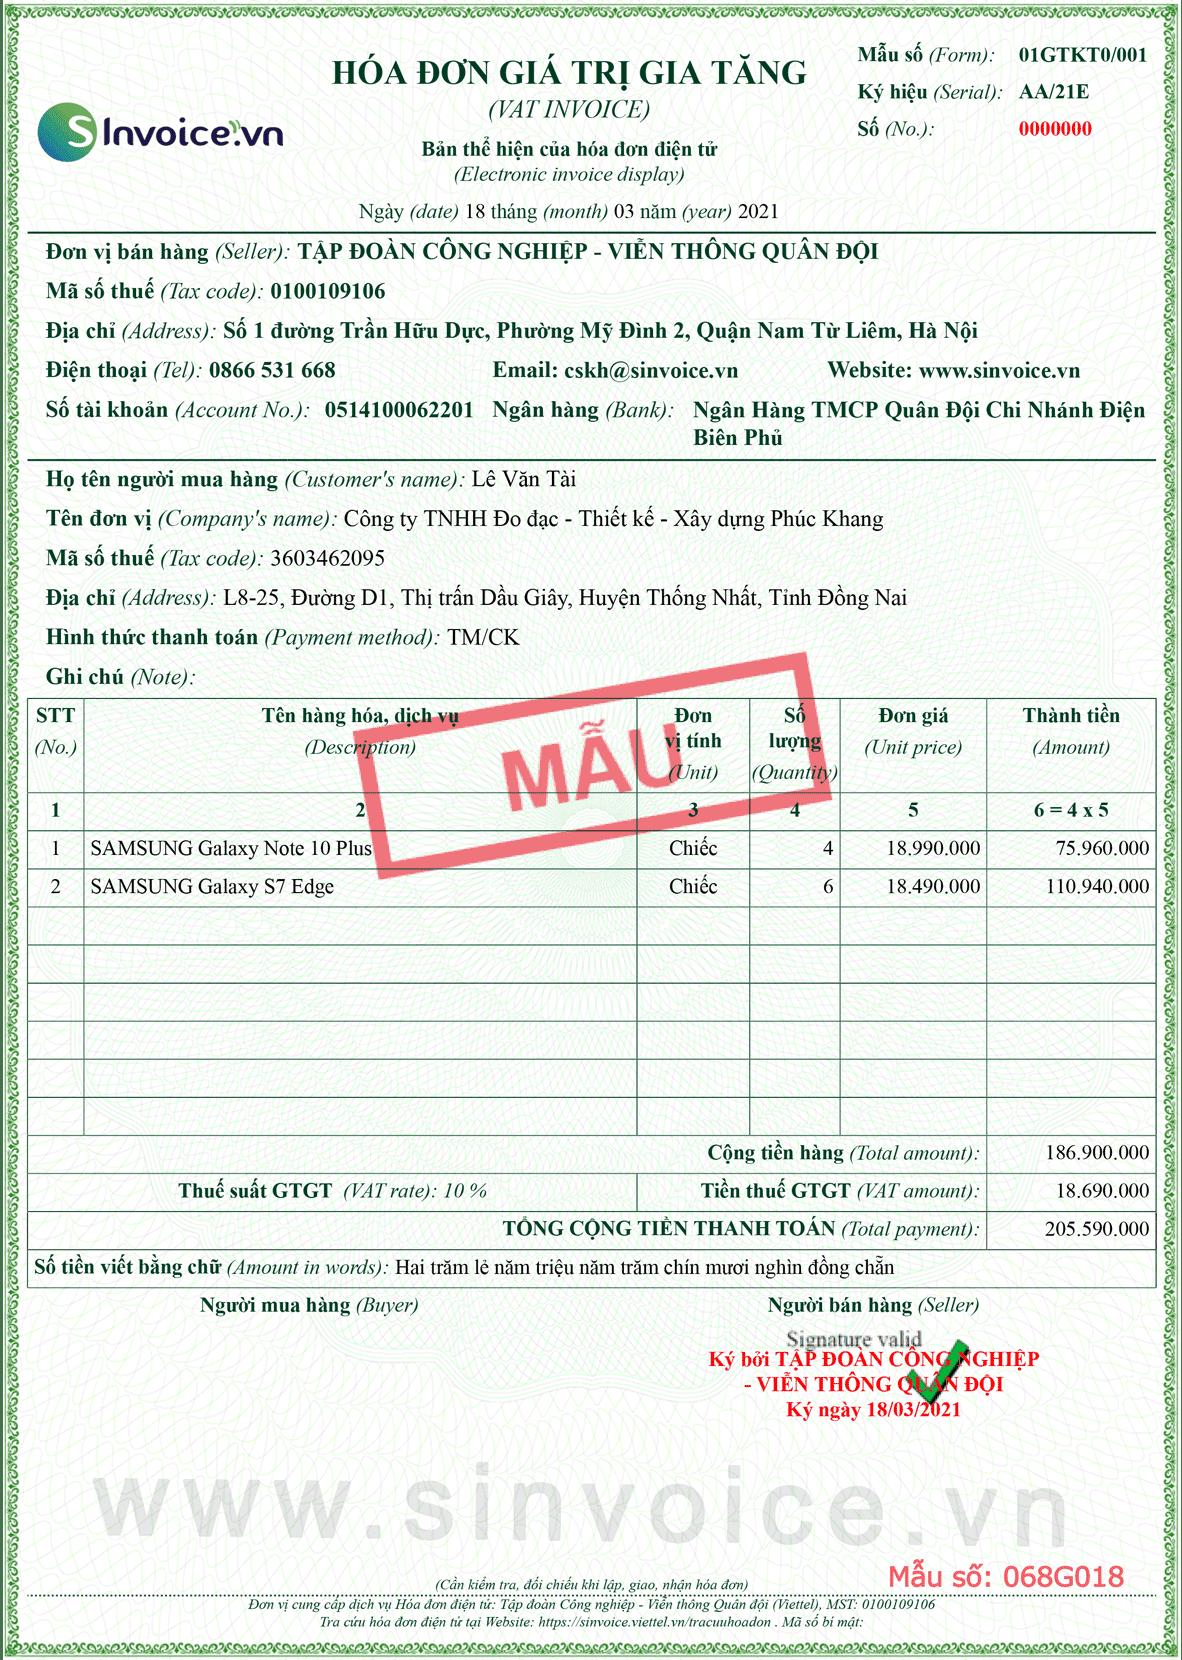 Mẫu hóa đơn điện tử số 068G018